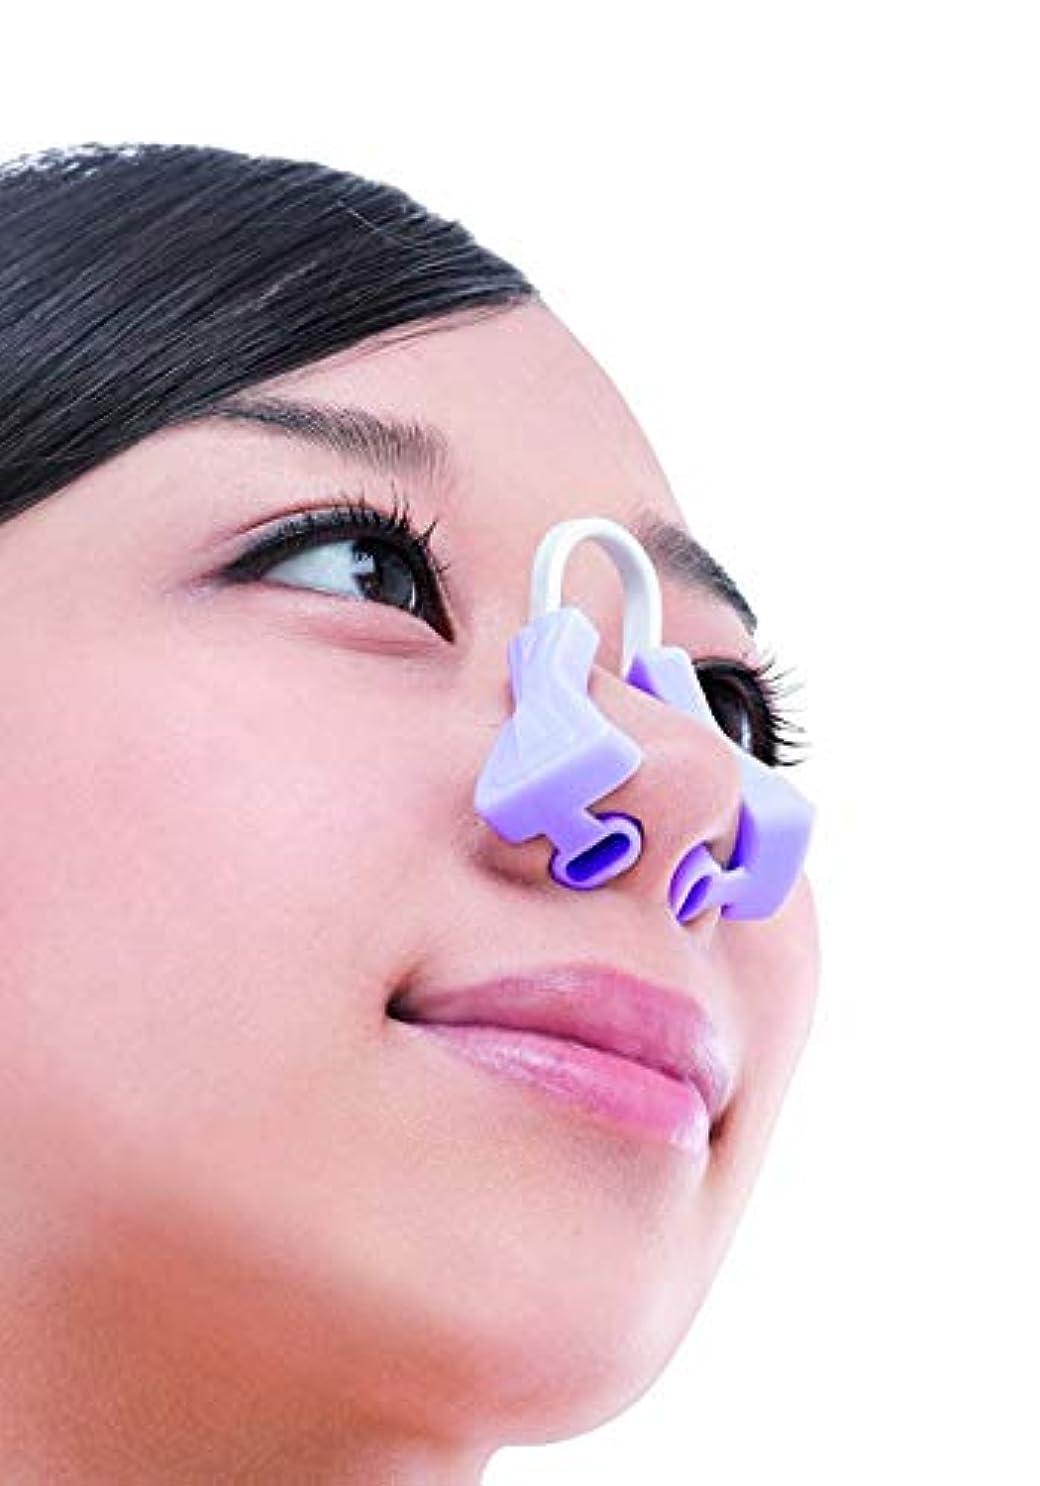 プロフィール復活する段階Yデパートセンター55® おやすみ美鼻クリップ 美鼻でナイト おやすみ美鼻クリップ 鼻 整形 鼻先 整形 鼻を高く 鼻アイプチ 小鼻 鼻筋